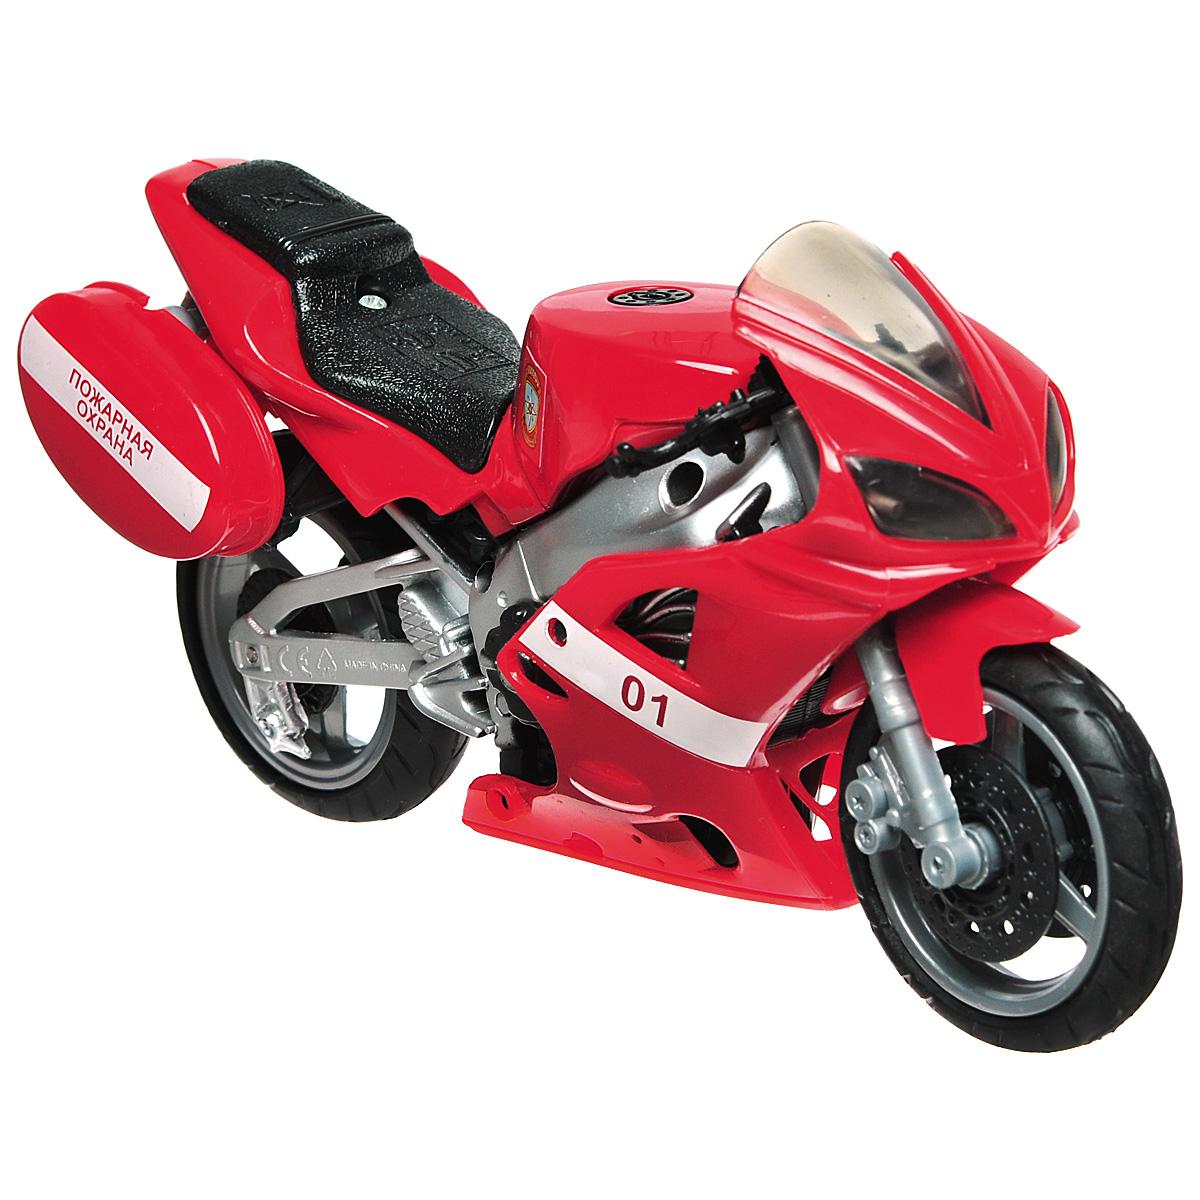 Autotime Игрушка Мотоцикл Пожарная охрана, цвет: красный, серебристый машинки autotime машина bavaria gran turismo пожарная охрана